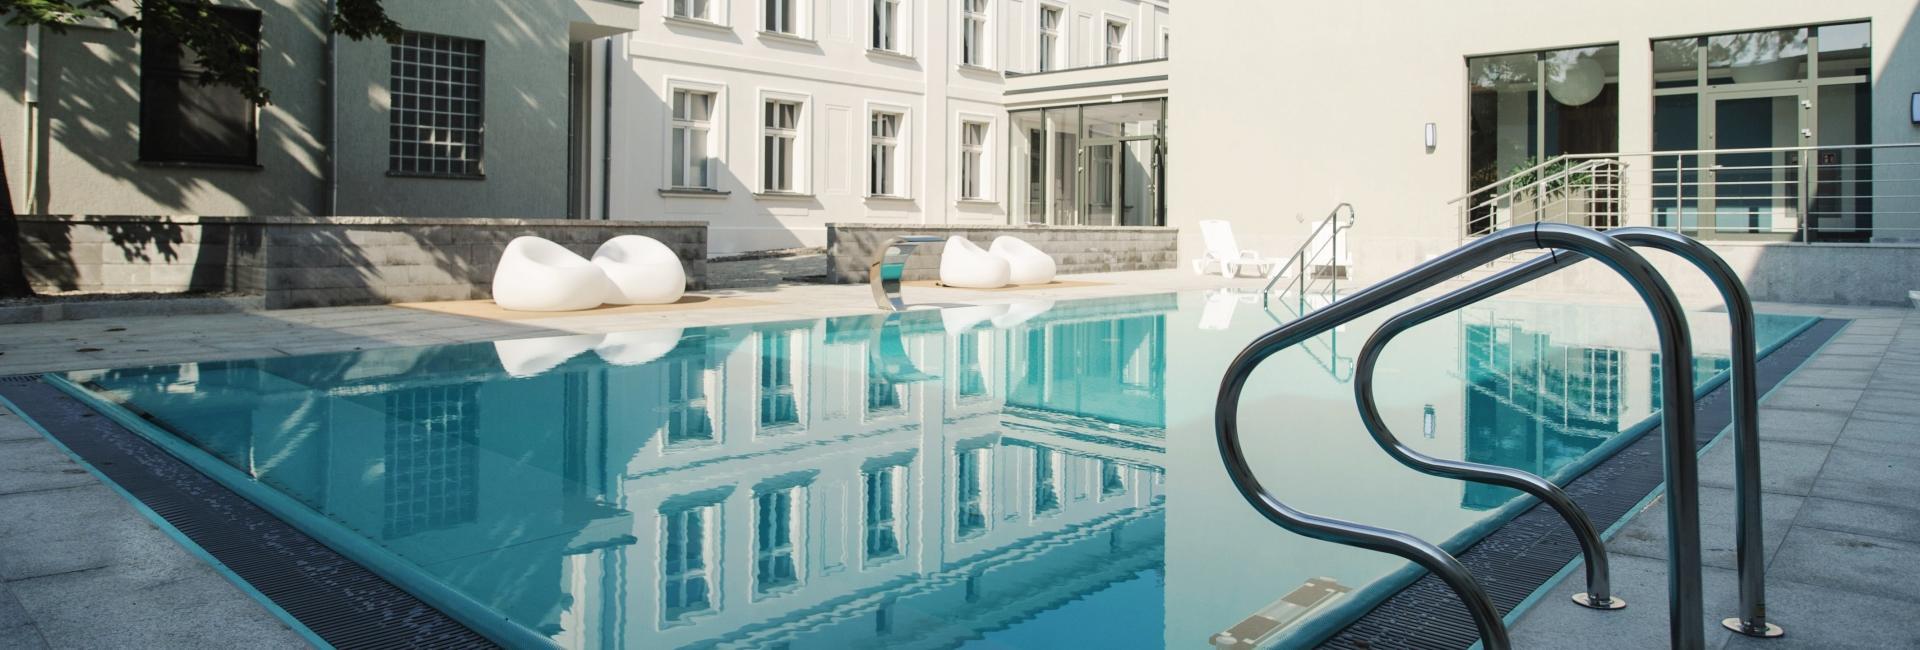 Pool at Hotel Romantyczny Palace in Turznie, Kuyavia Pomeranian